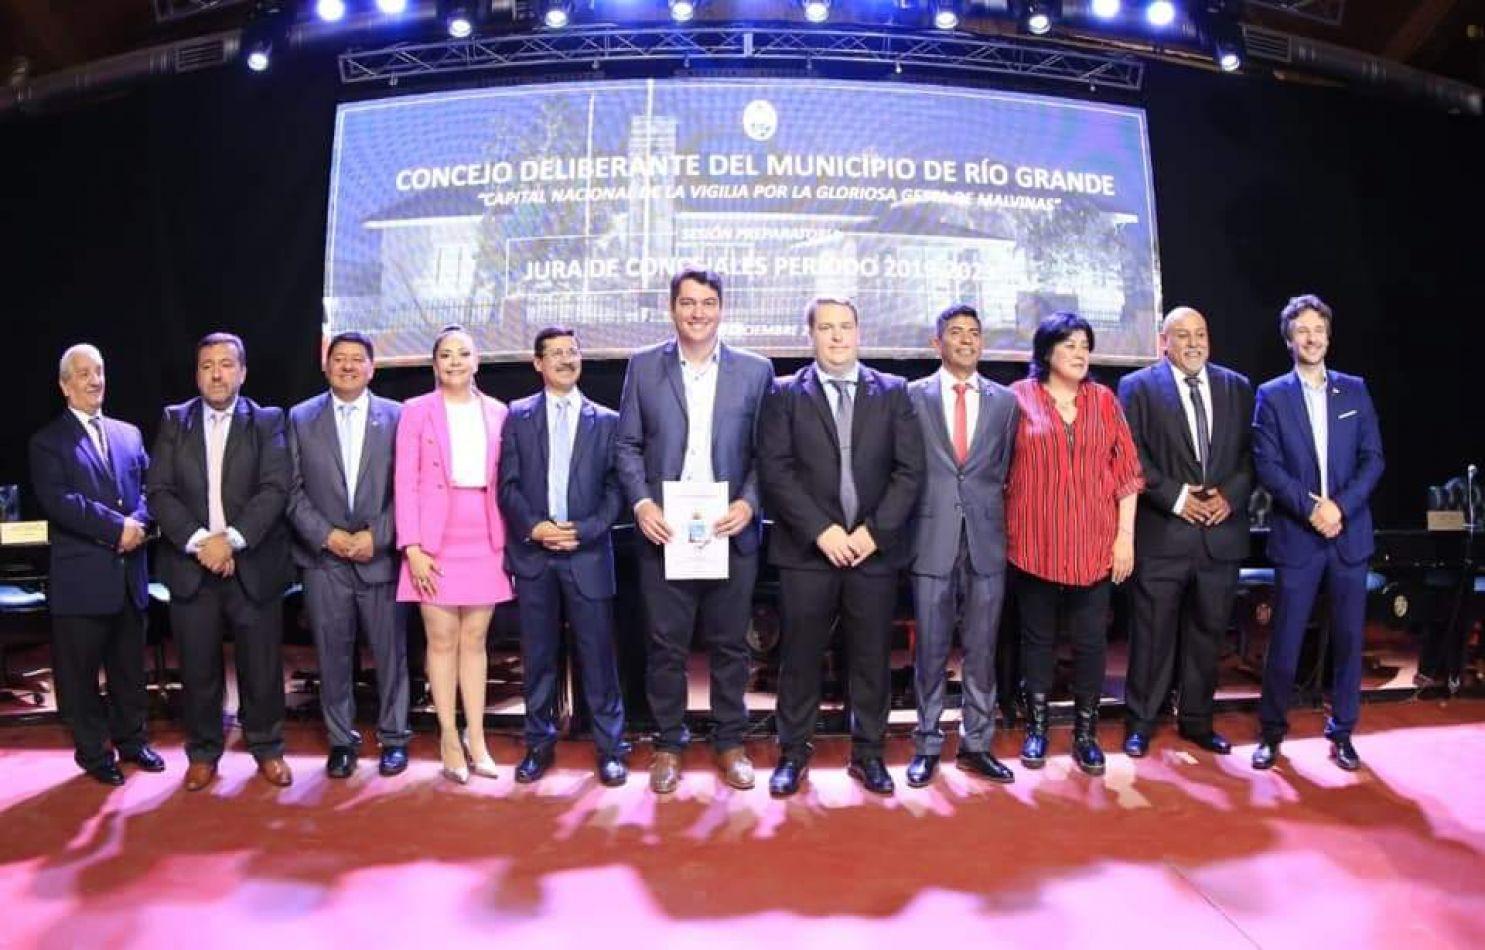 Cuerpo de concejales del Concejo Deliberante de Río Grande